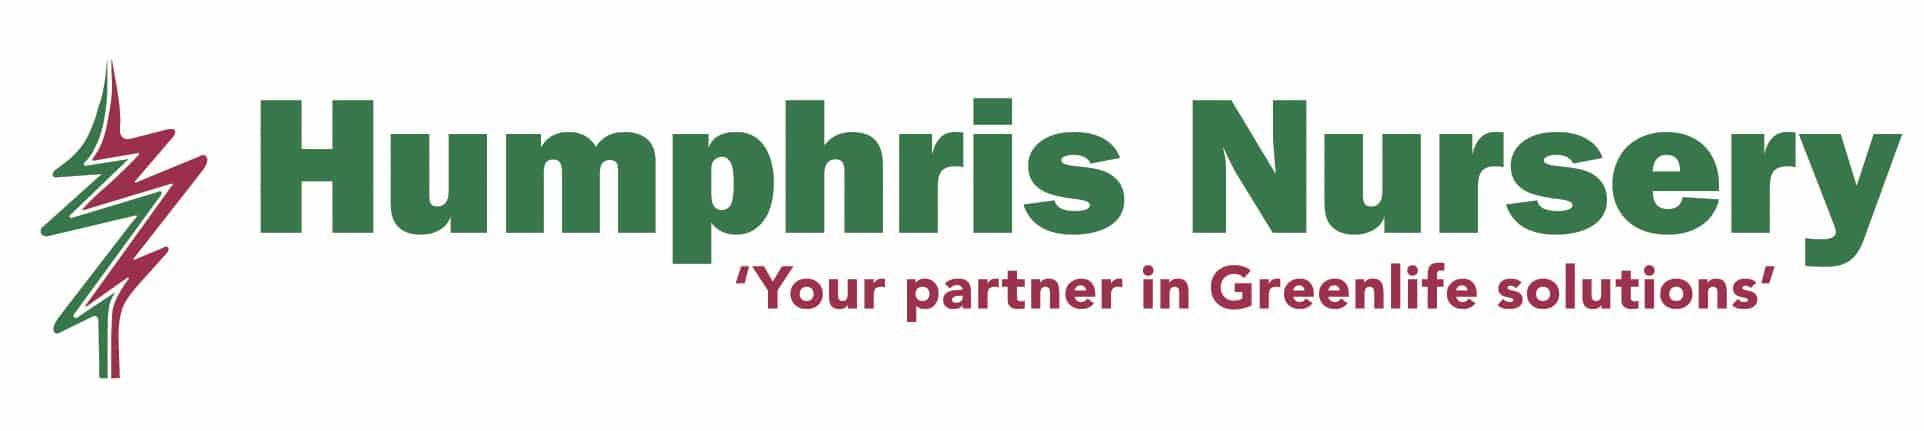 Humphris Nursery Logo